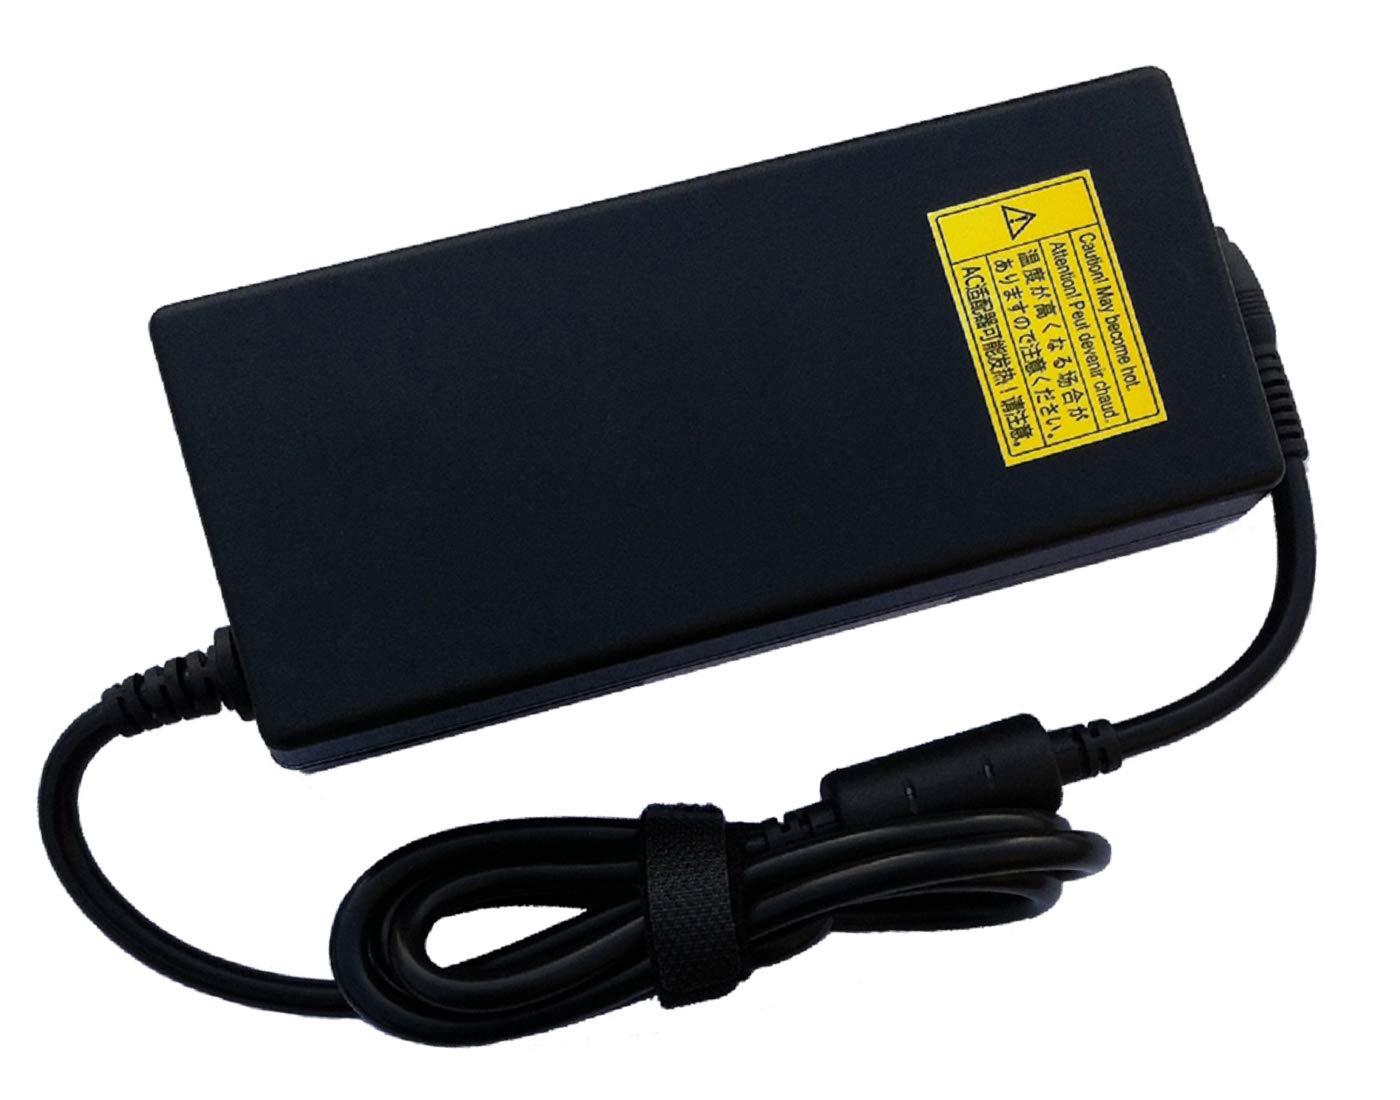 GATEWAY ZX6900 LITEON WLAN DRIVER FOR WINDOWS 8